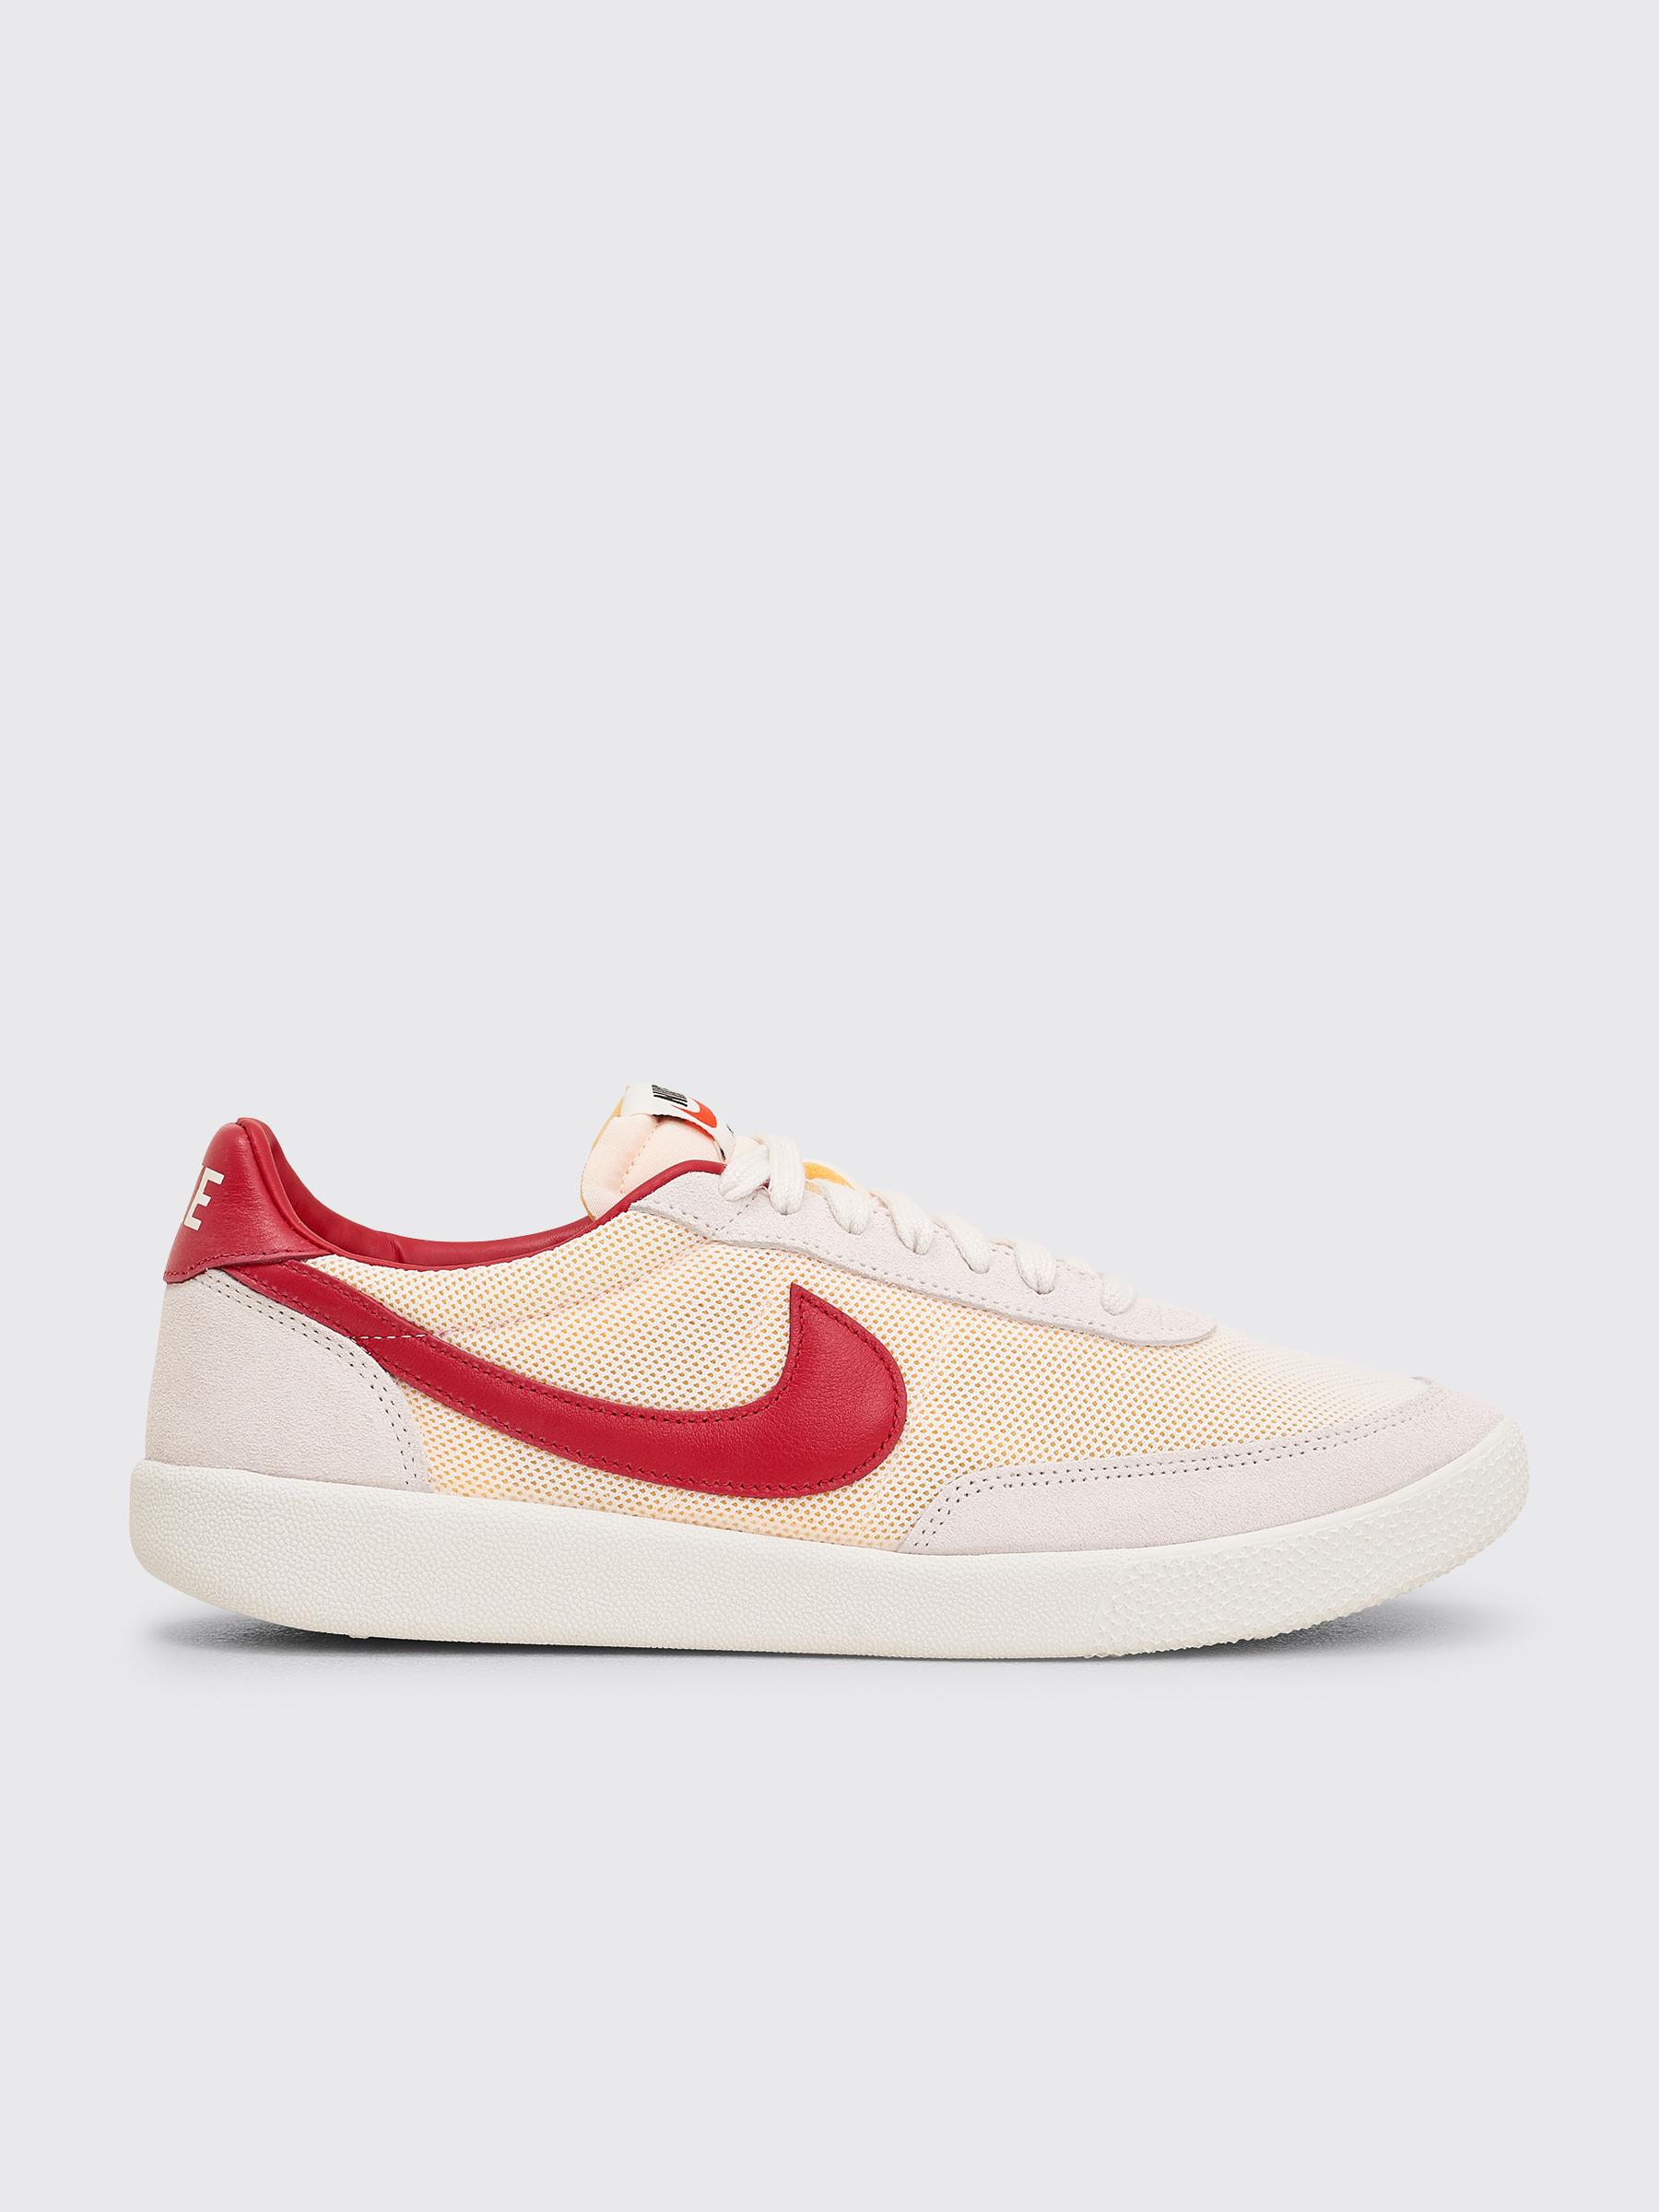 Nike Killshot OG SP Sail Gym Red